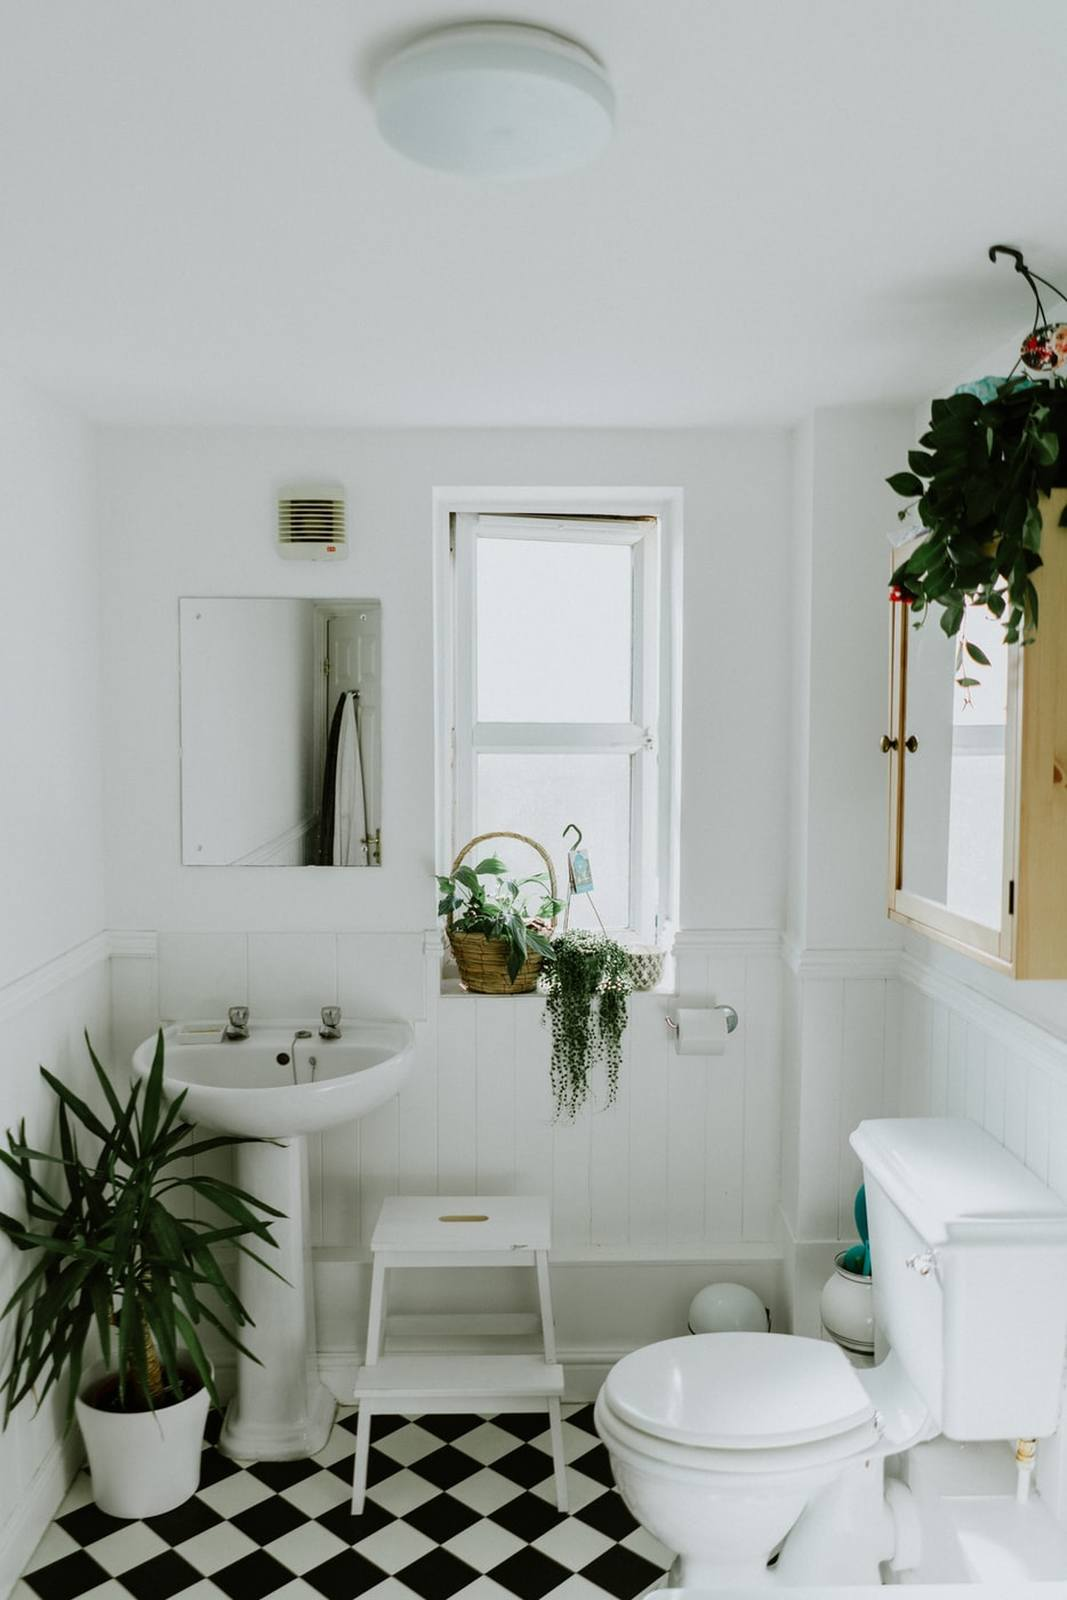 biała łazienka z podłogą w szachownicę